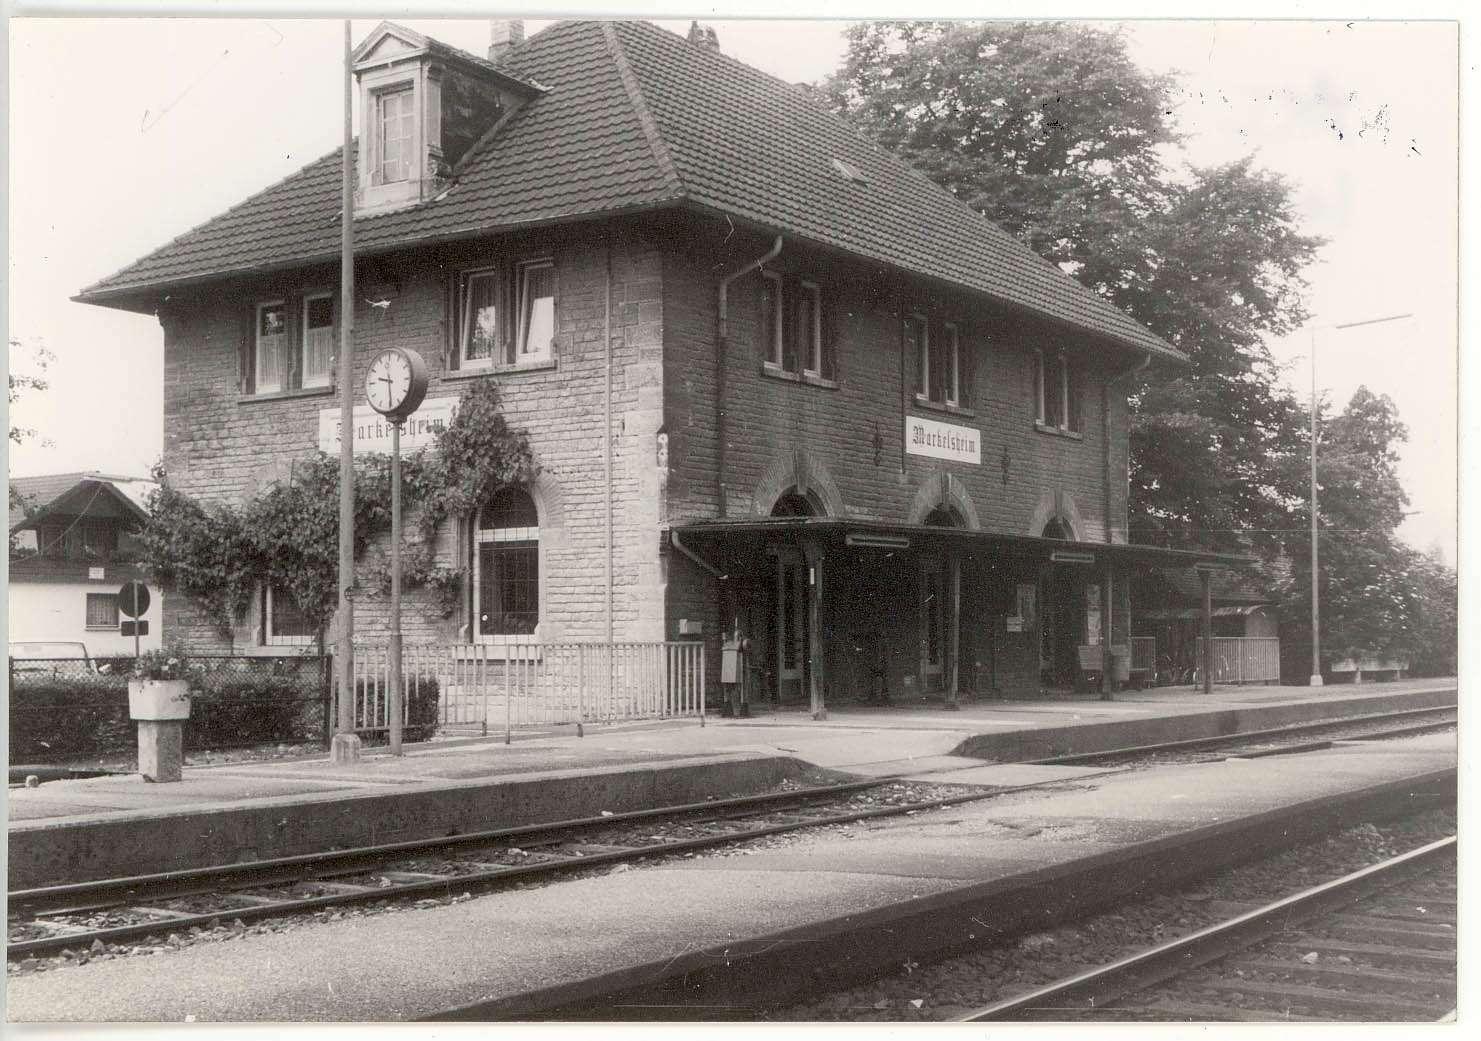 Markelsheim: 2 Fotos, Bild 1